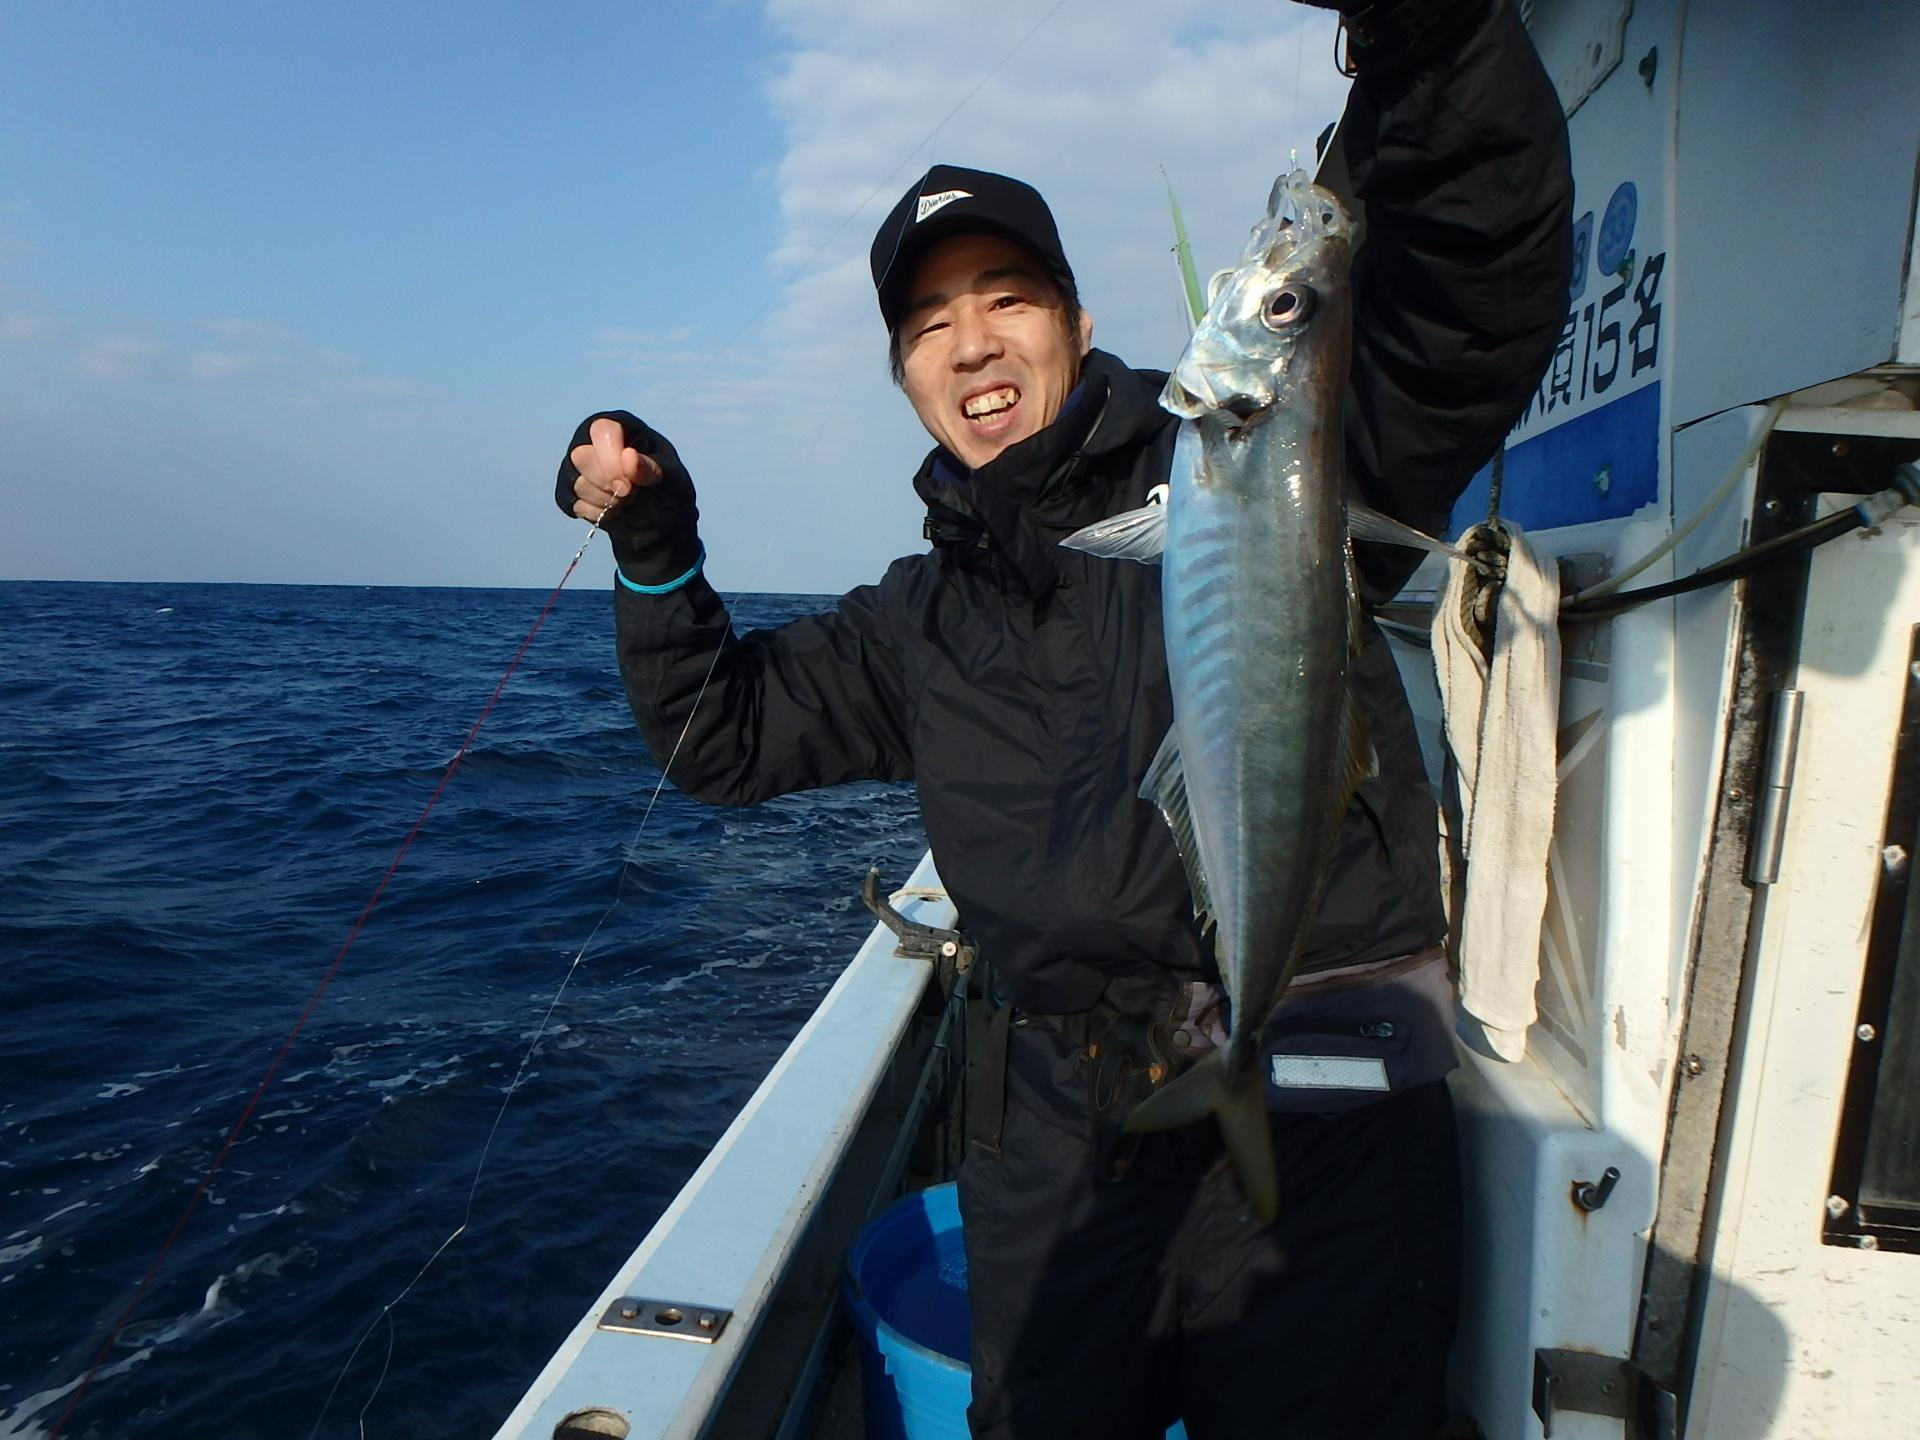 福田港啓秀丸様にて出船。当日は潮があまり動かず渋目でしたが今後まだまだ期待大!!